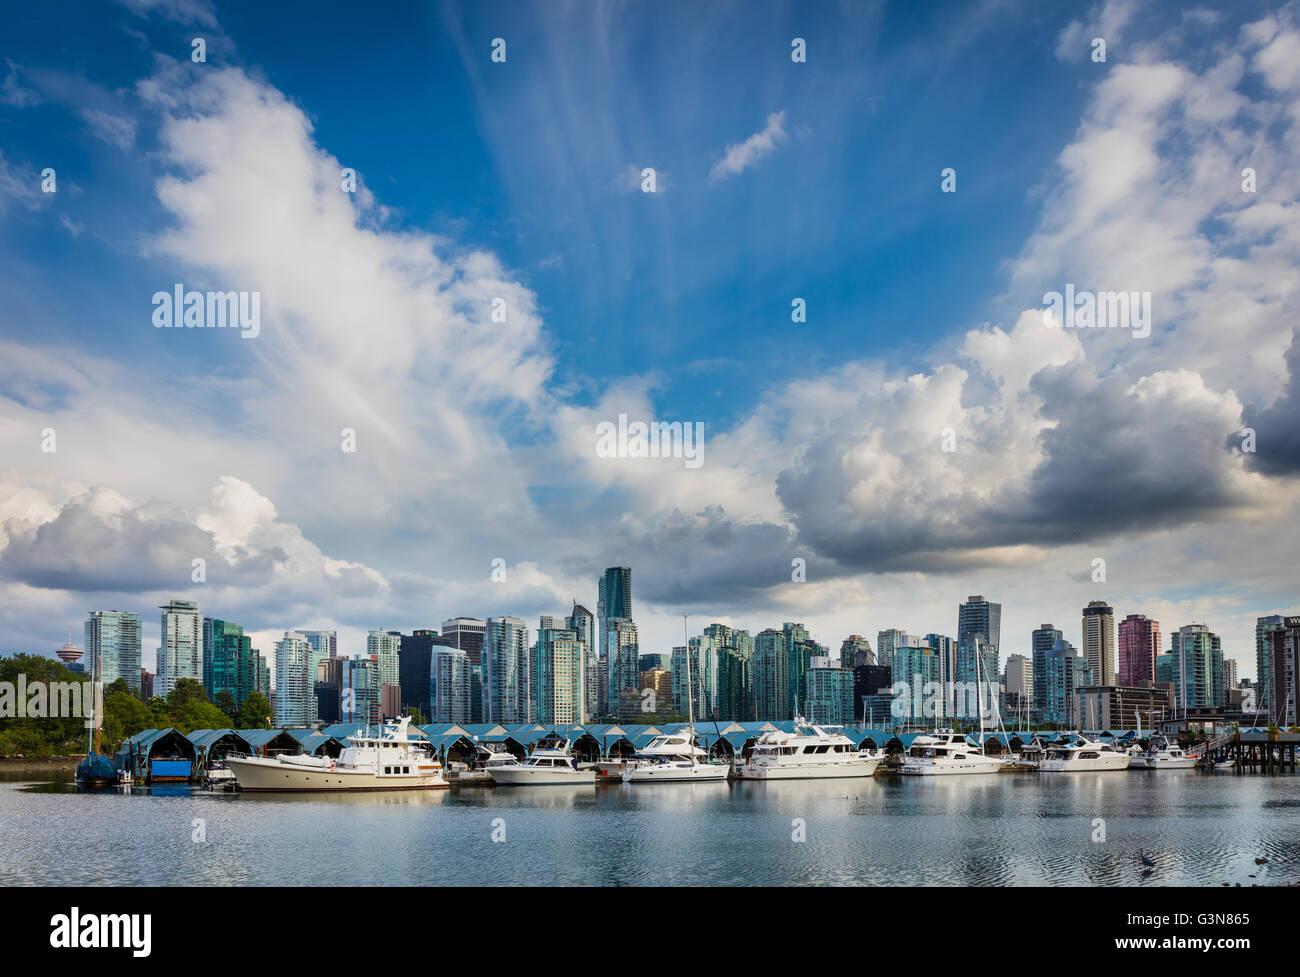 Vancouver est la ville la plus peuplée de la province canadienne de la Colombie-Britannique Photo Stock